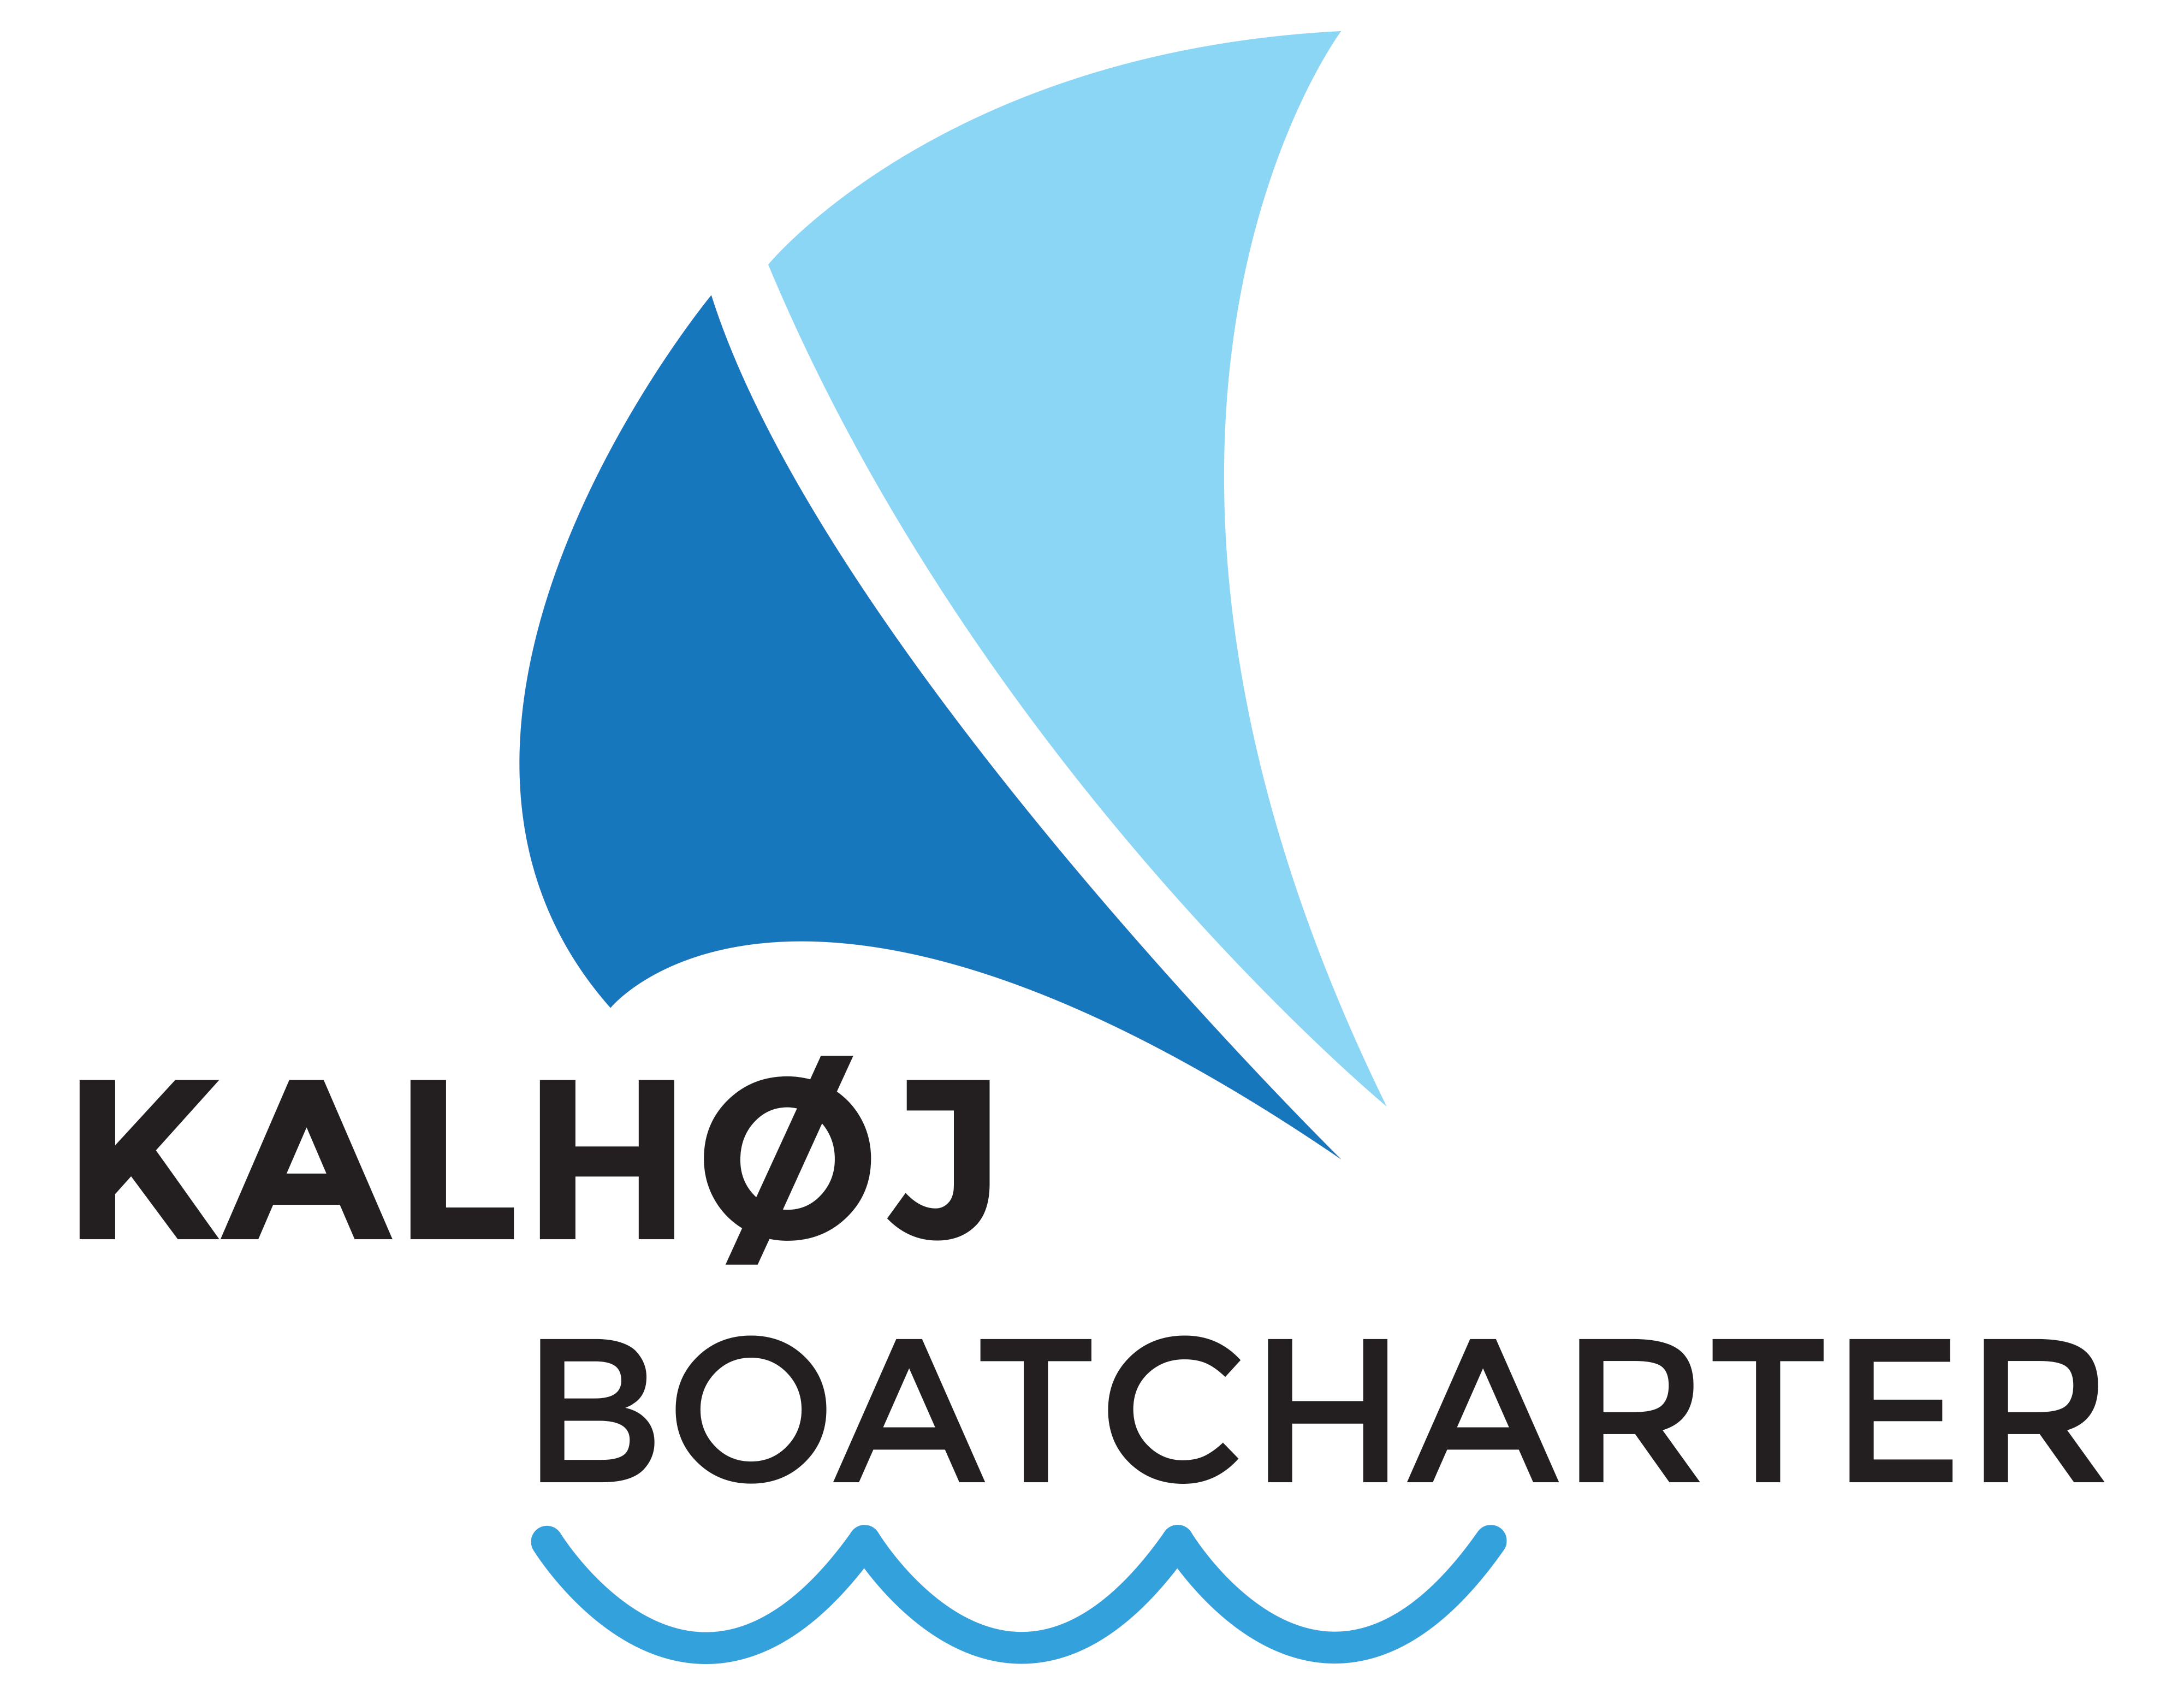 Kalhøj Boatcharter